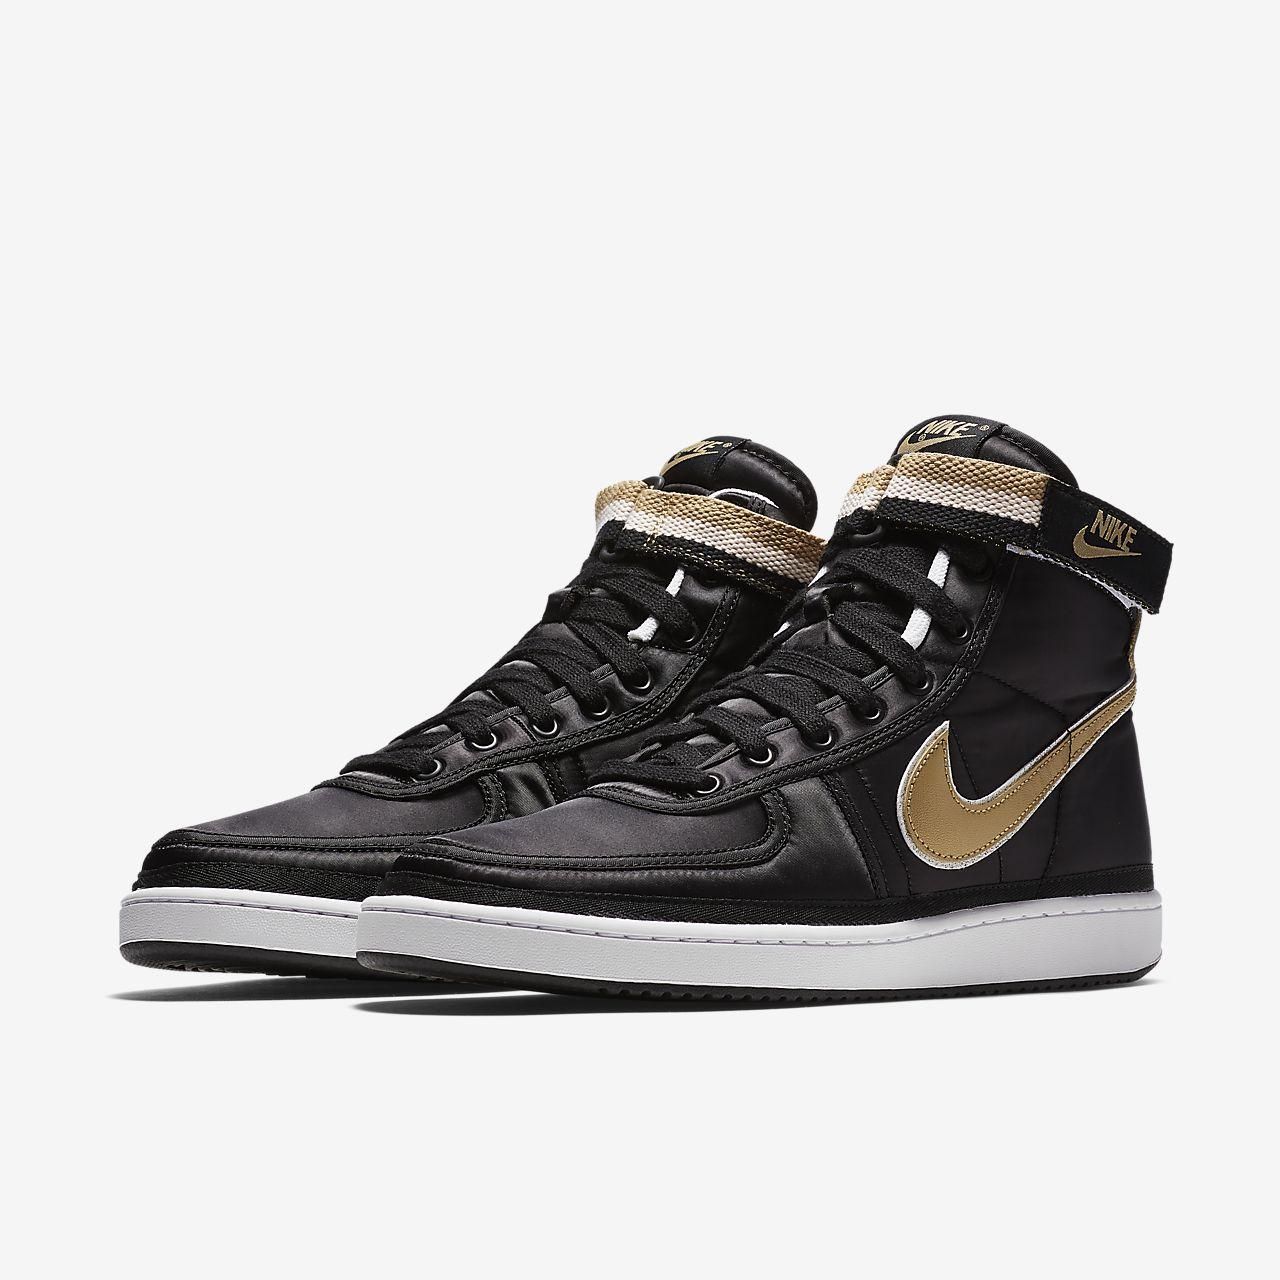 6be5e47fe529 Nike Vandal High Supreme QS Men s Shoe. Nike.com